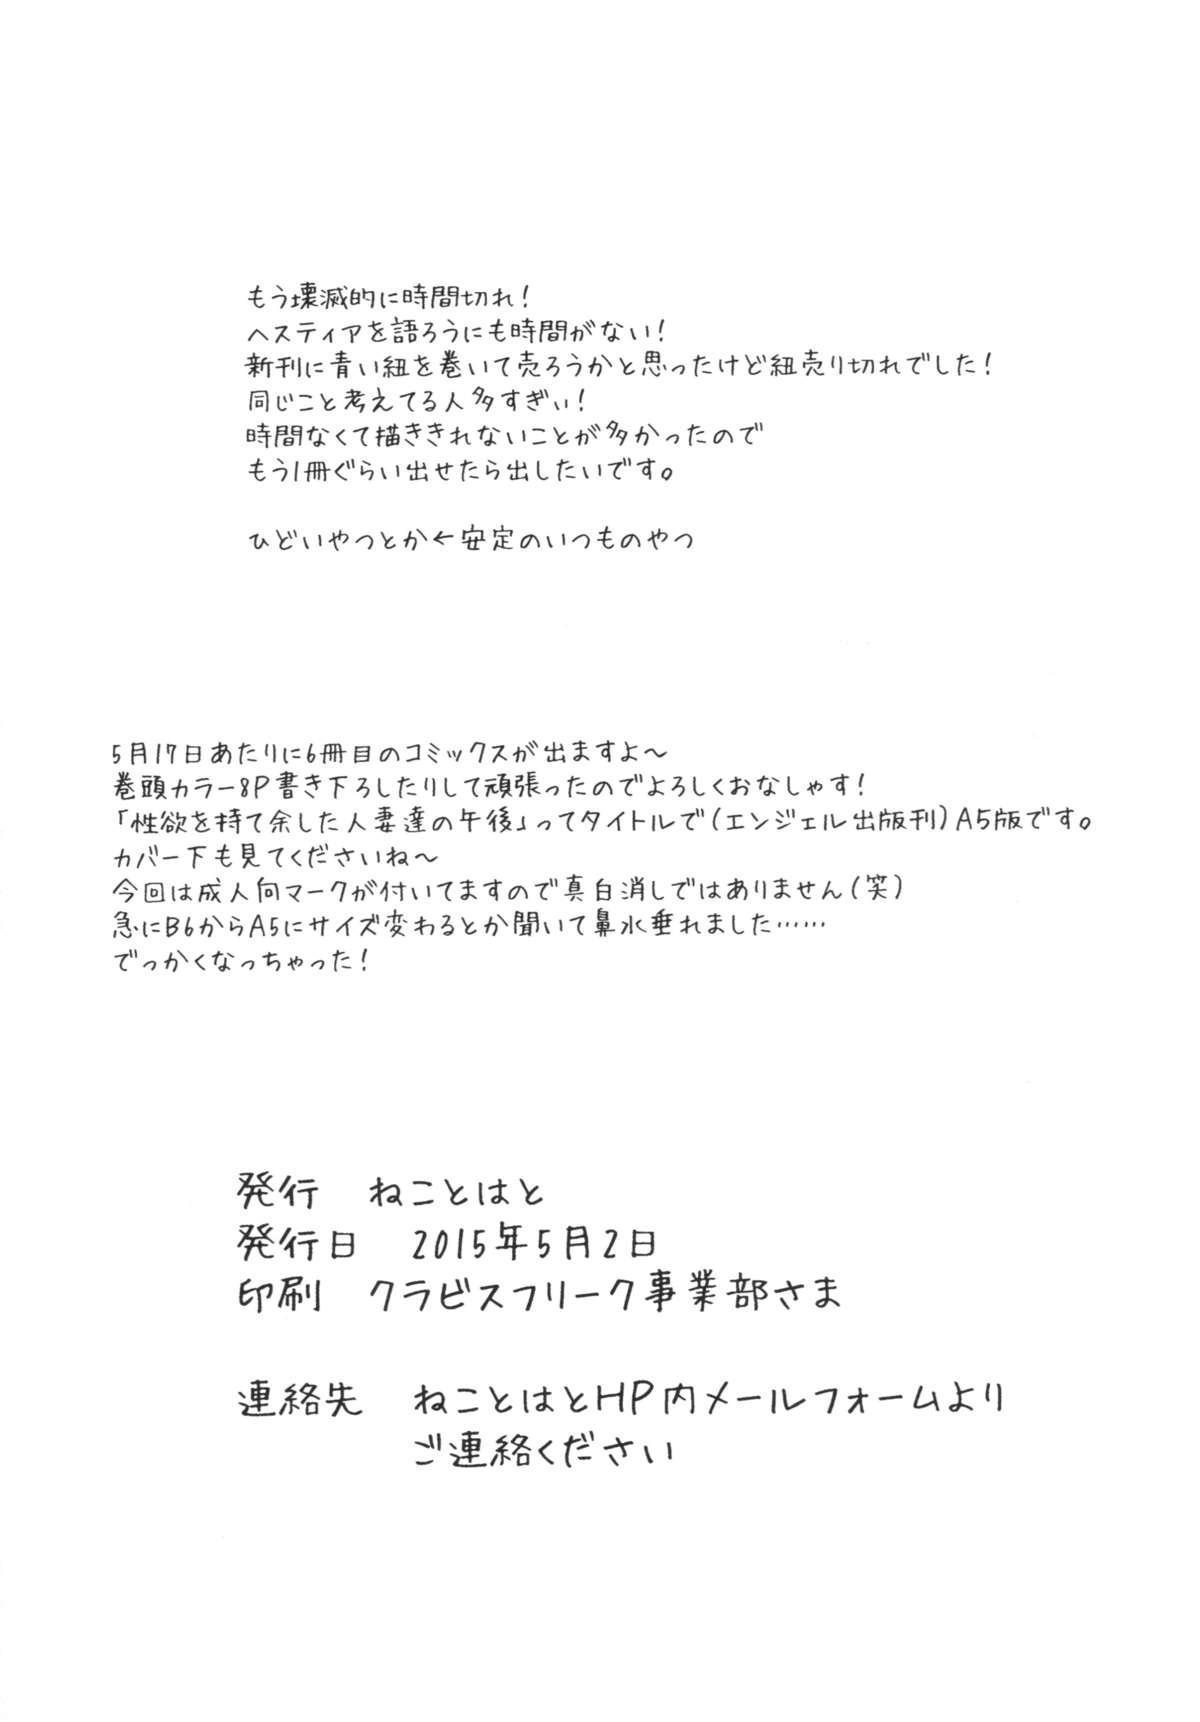 Ano Himo o Hodoku no wa Anata 16